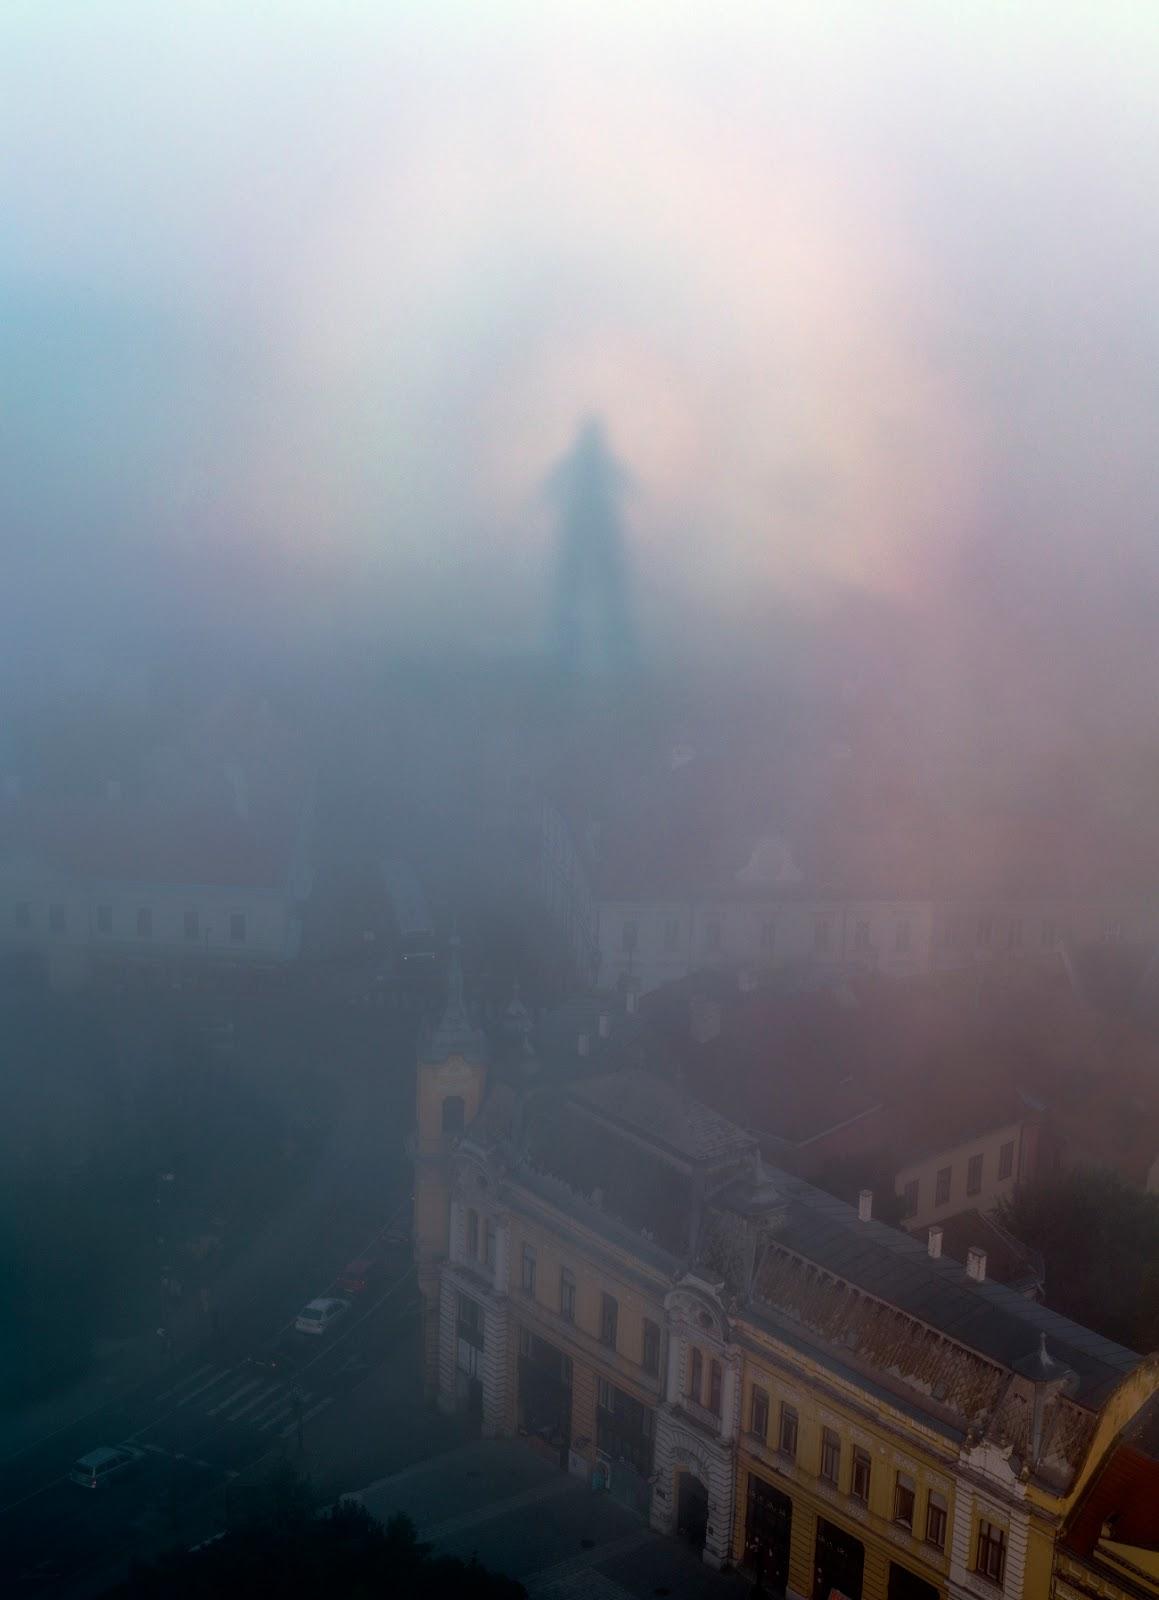 Hình ảnh thể loại brocken spectre được chụp ở thành phố Veszprem, Hungary vào ngày 11/8/2014 vừa qua bởi tác giả Tamas Ladanyi.